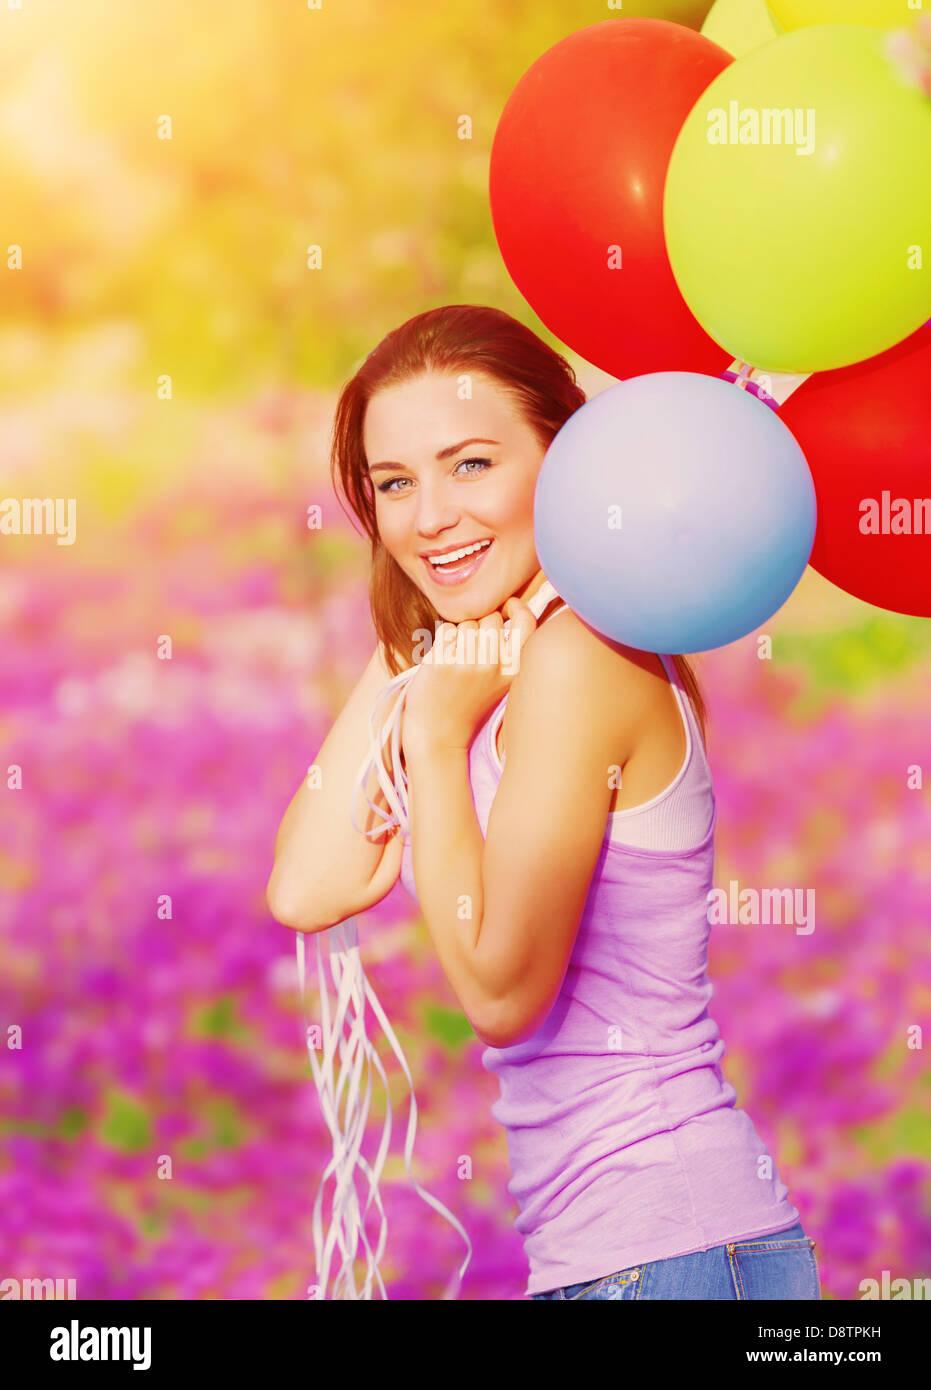 Lindo hembra alegre divirtiendo con montón de globos de colores en spring garden, celebración de cumpleaños, Imagen De Stock